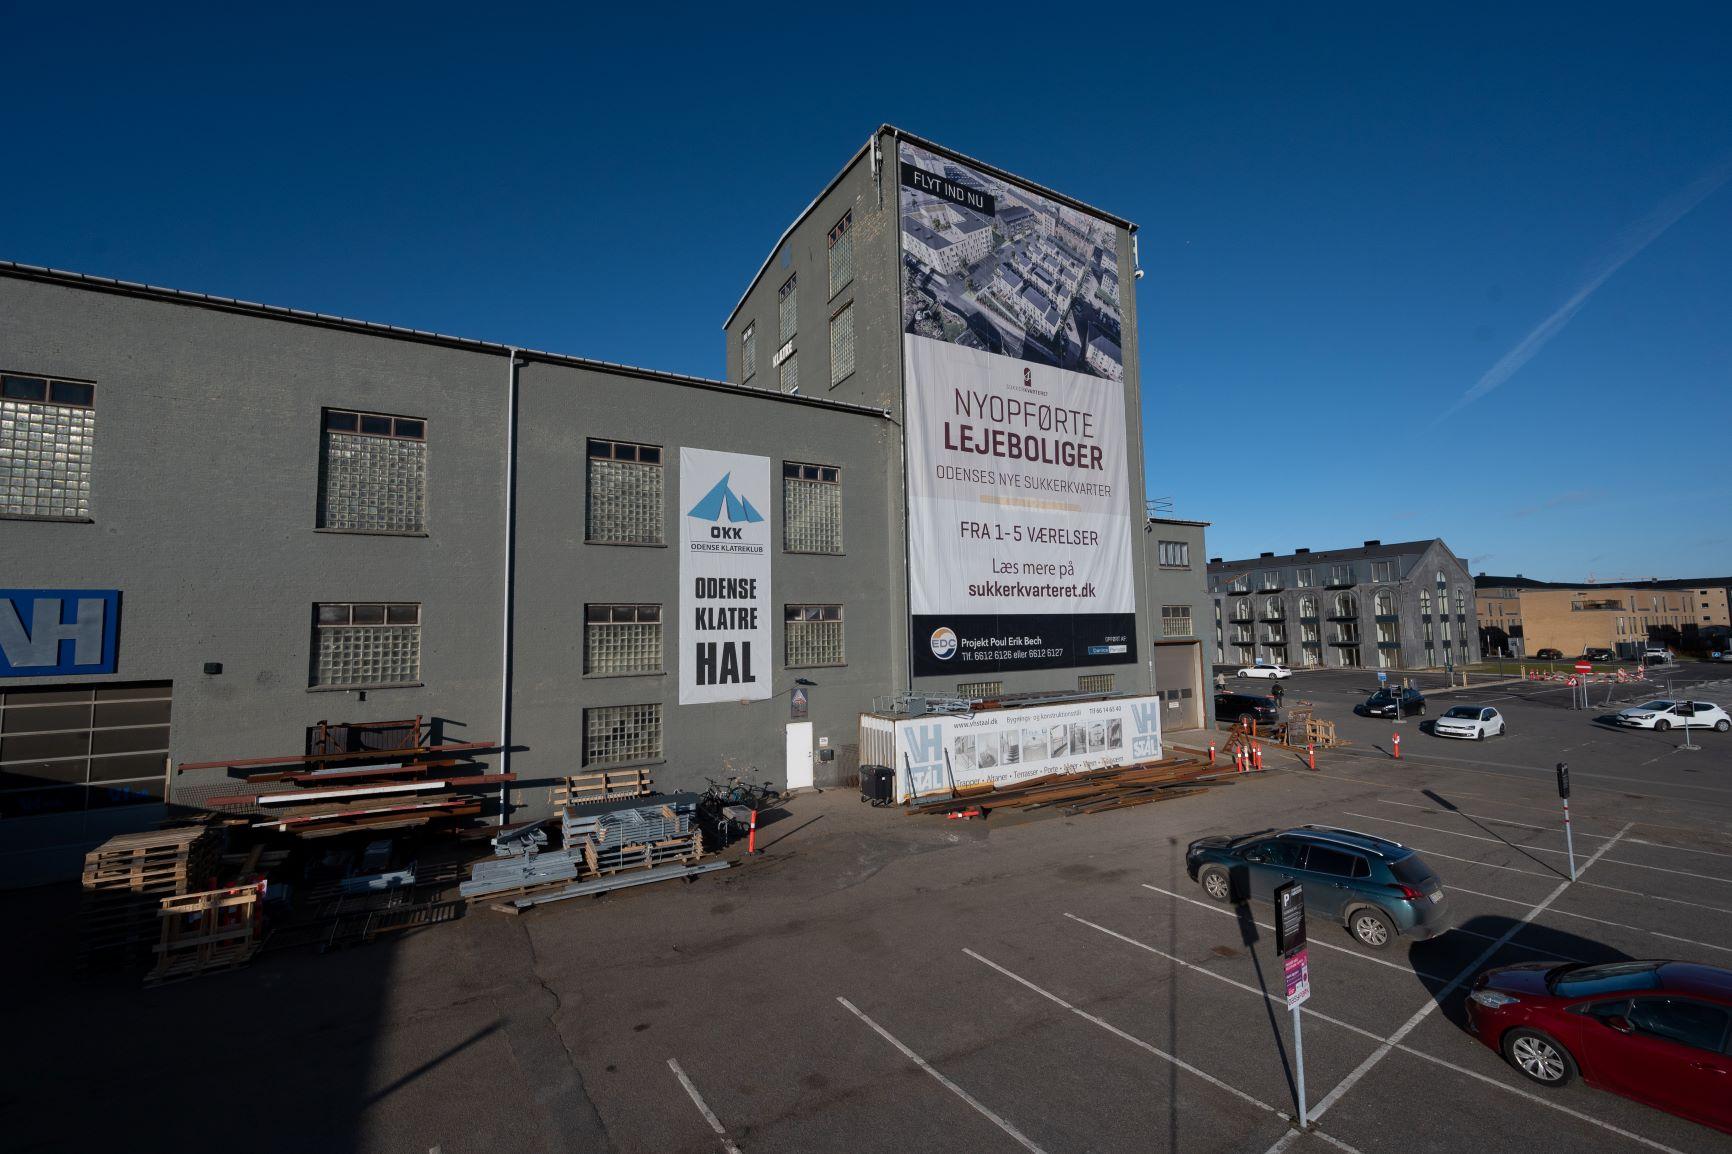 Indgangen til Odense klatreklub